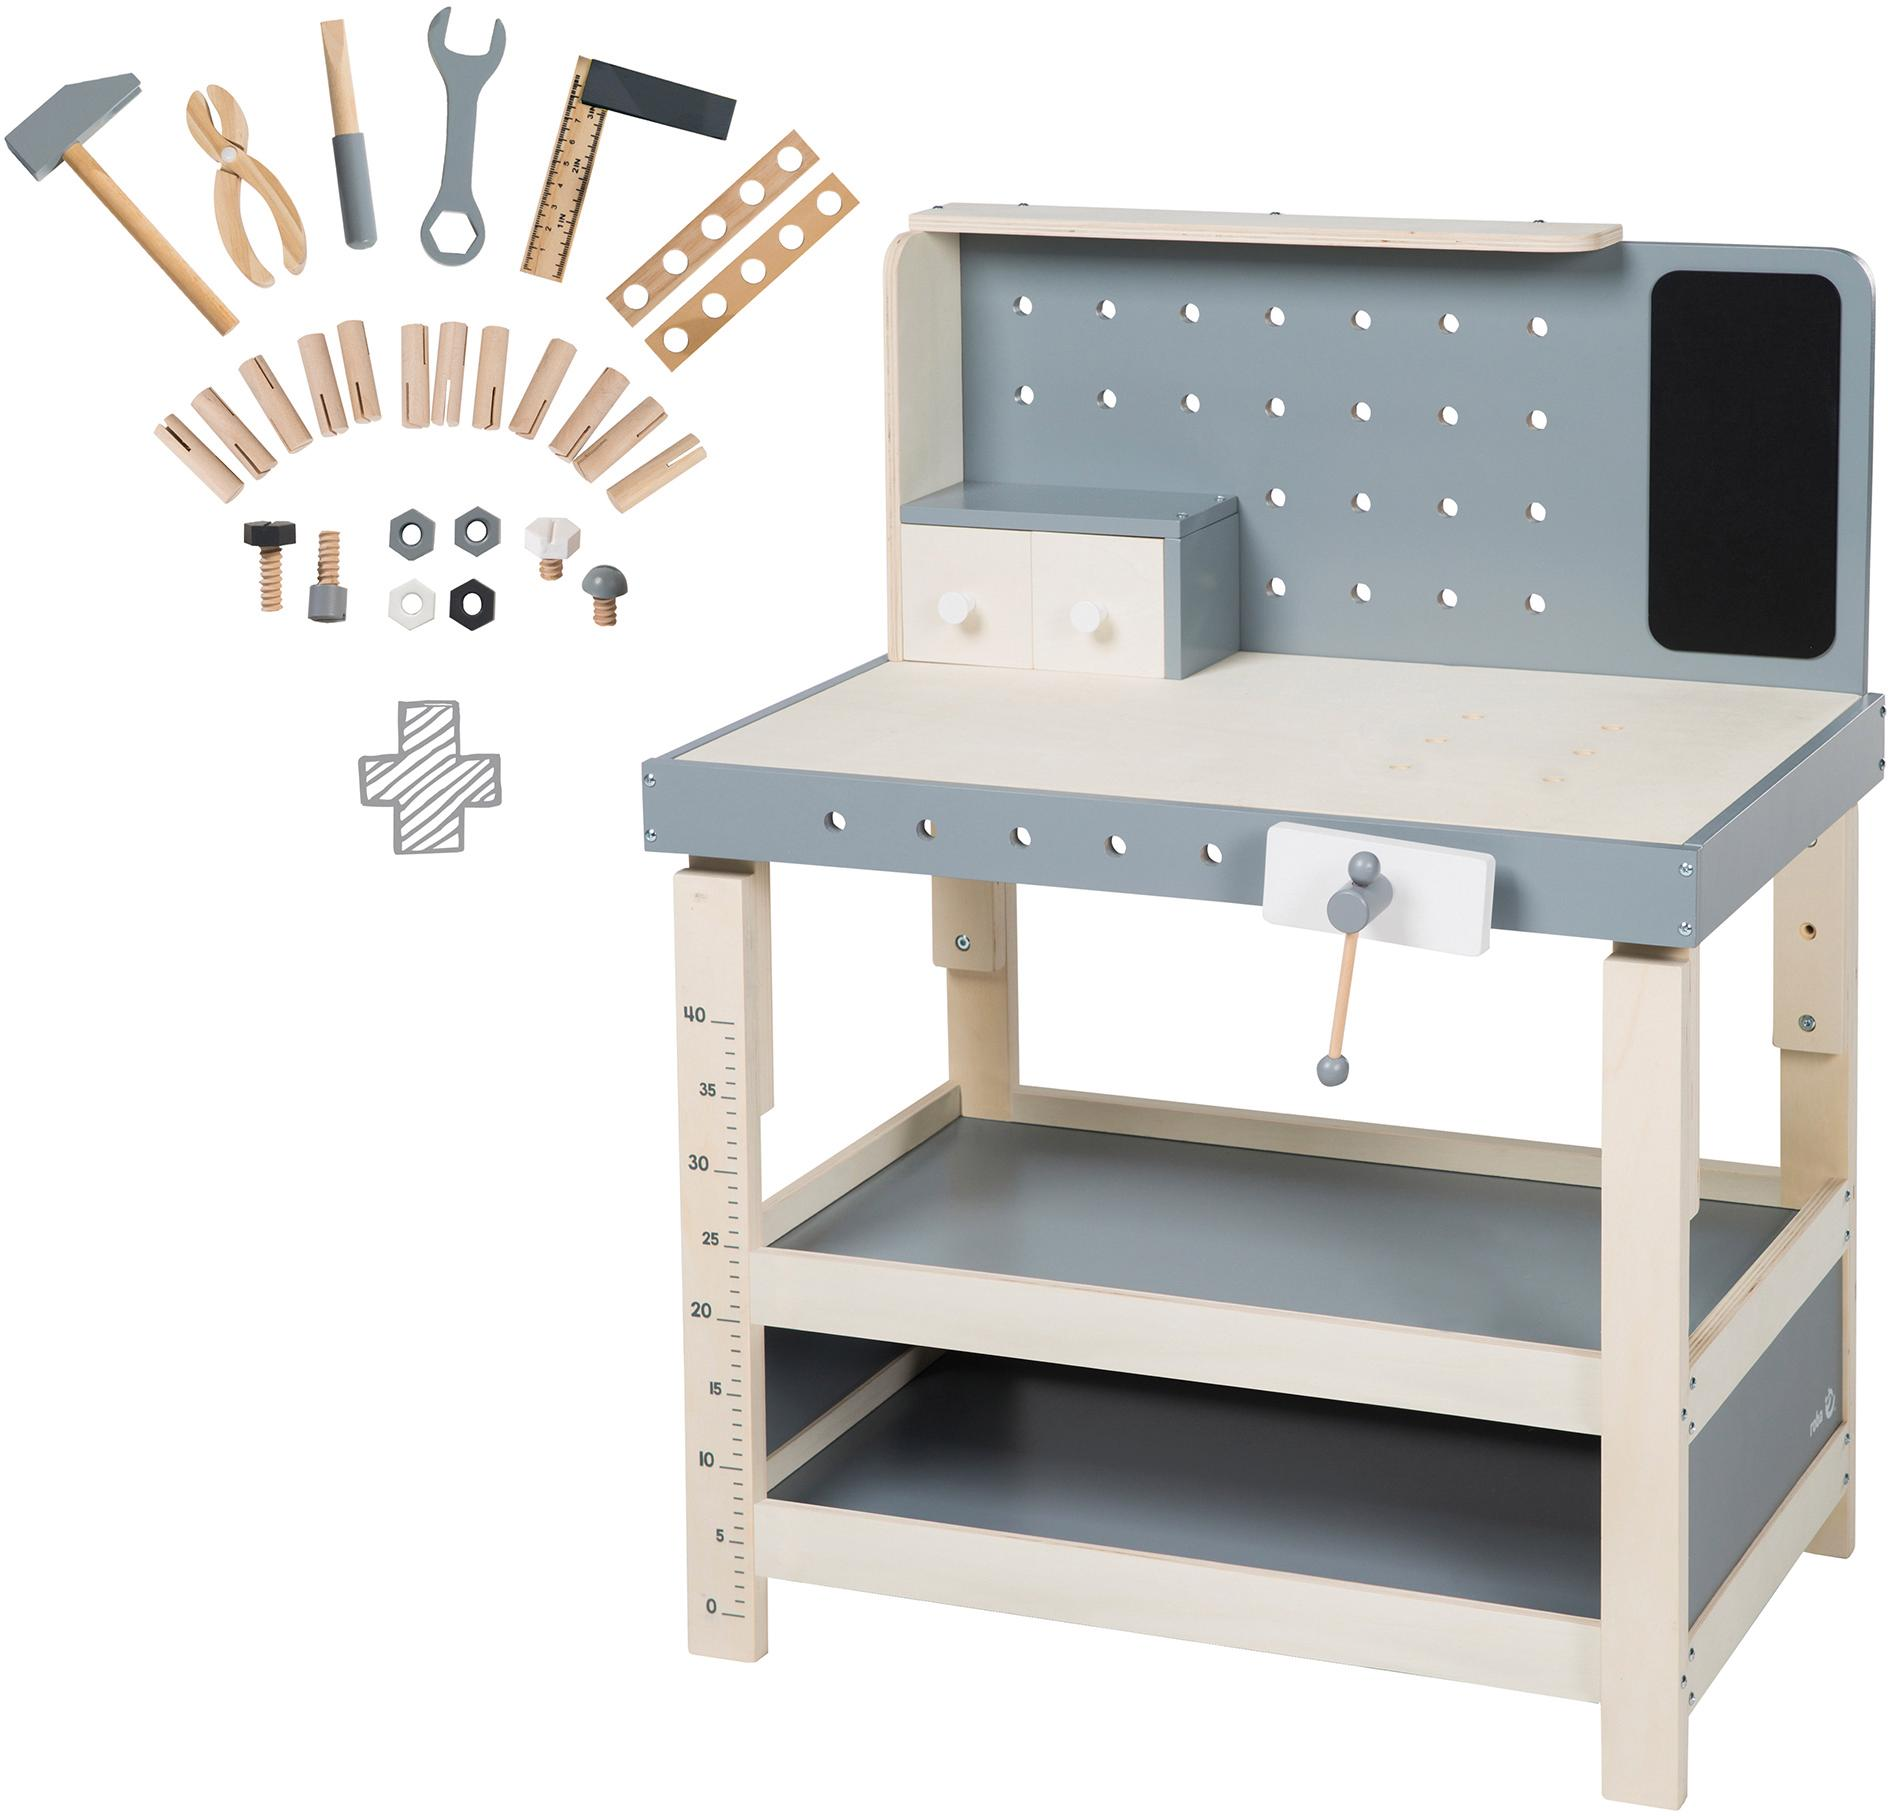 kinder werkbank toy preisvergleich die besten angebote online kaufen. Black Bedroom Furniture Sets. Home Design Ideas